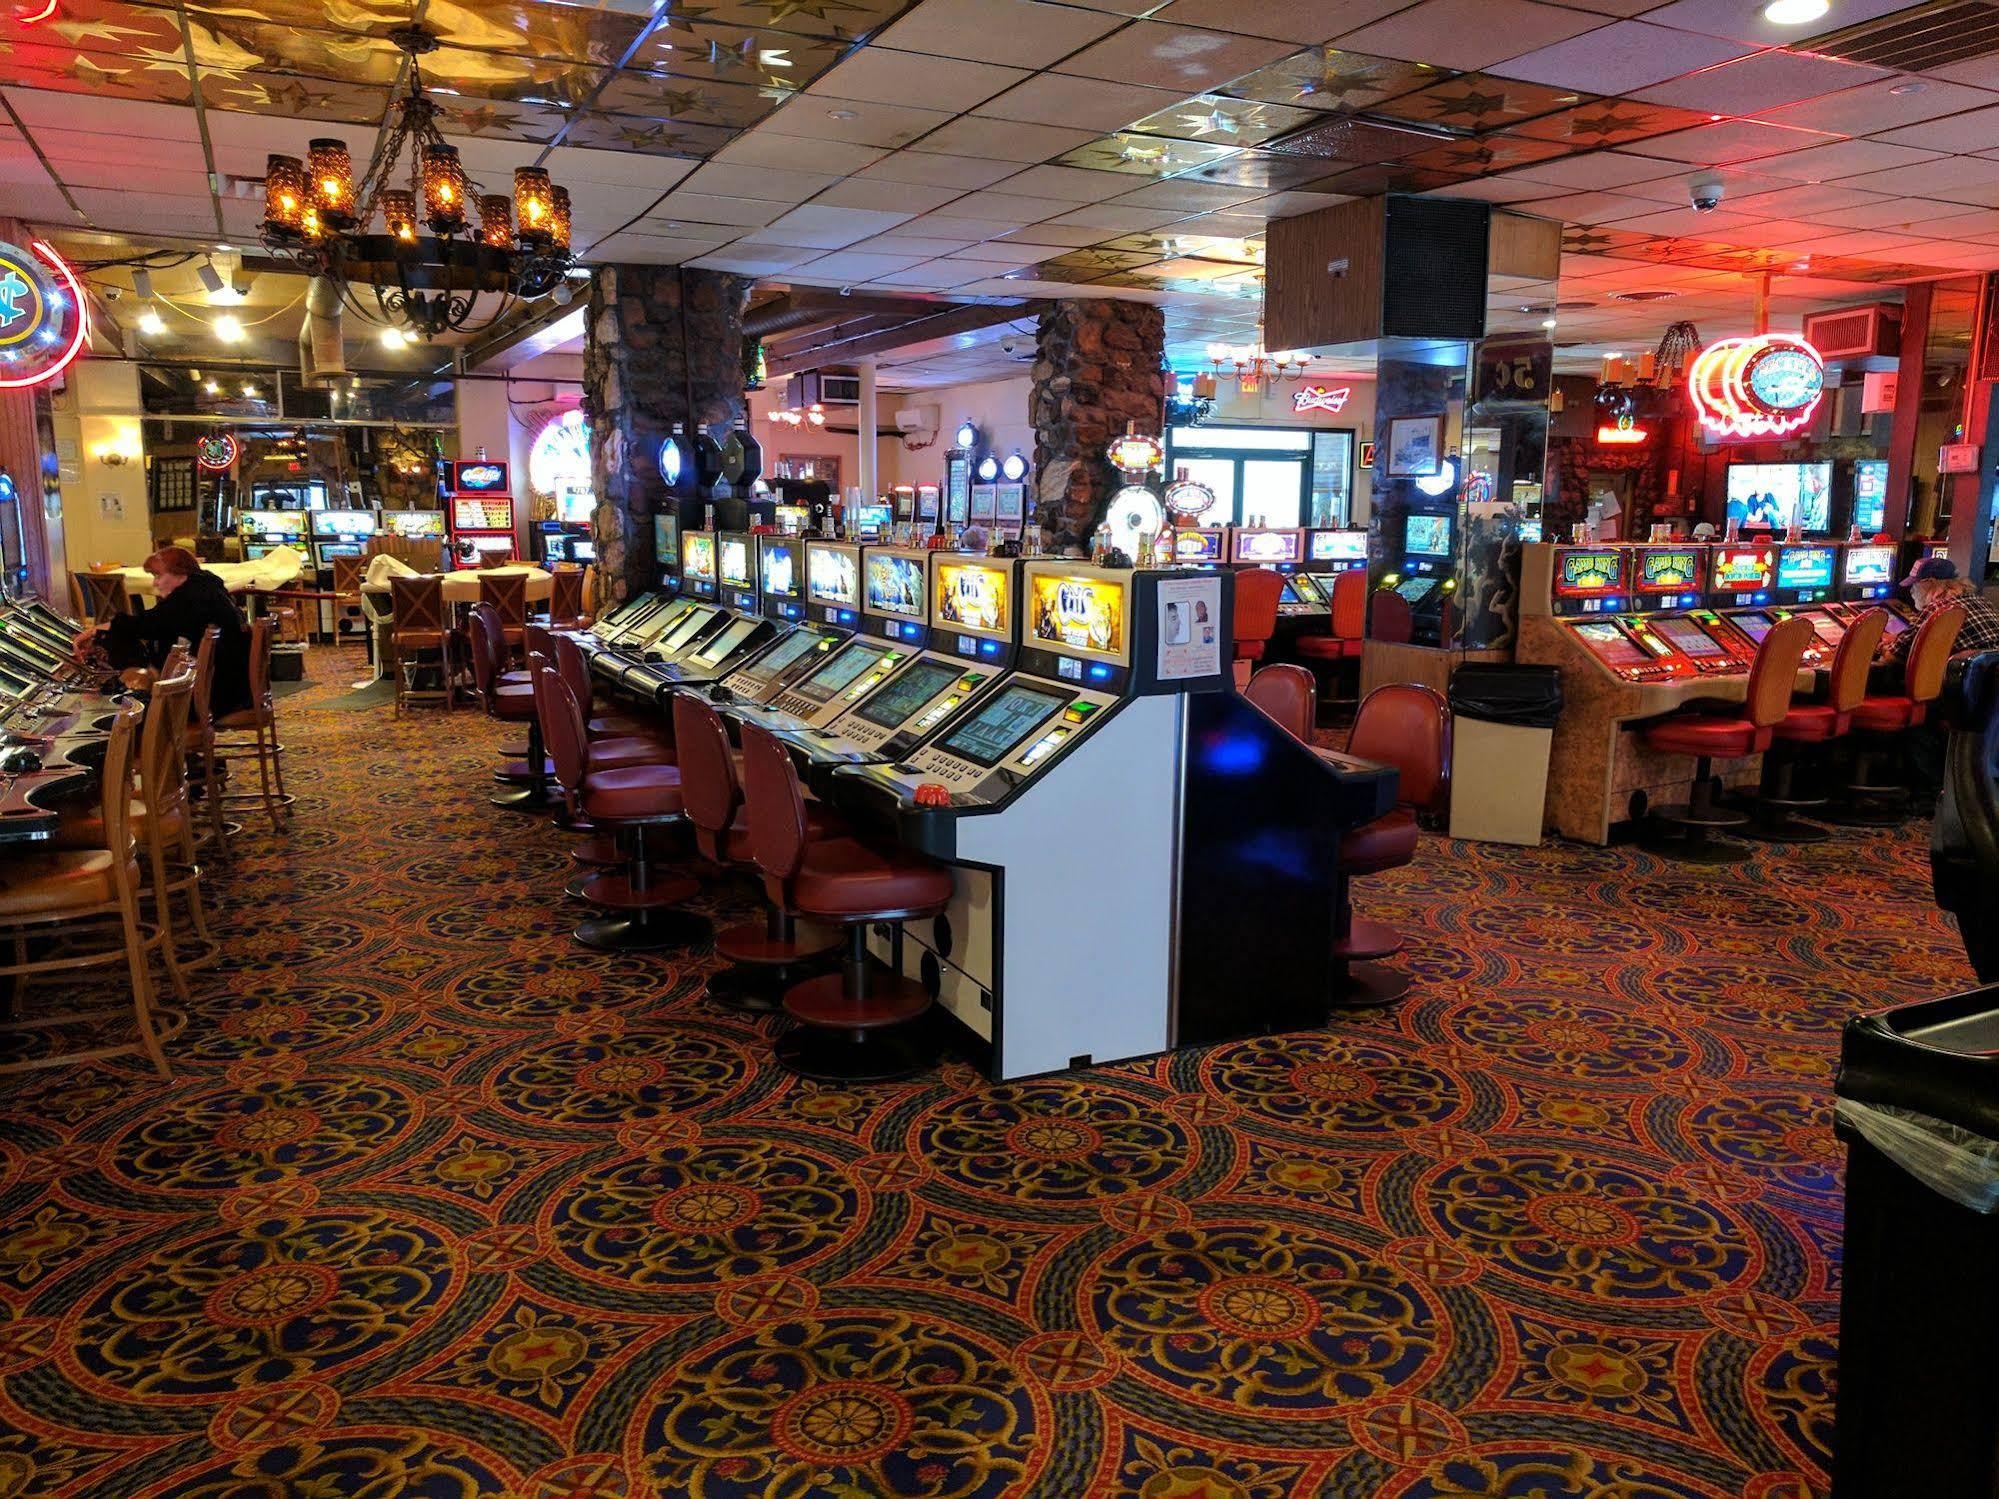 Historic Nevada and Gambling Hall